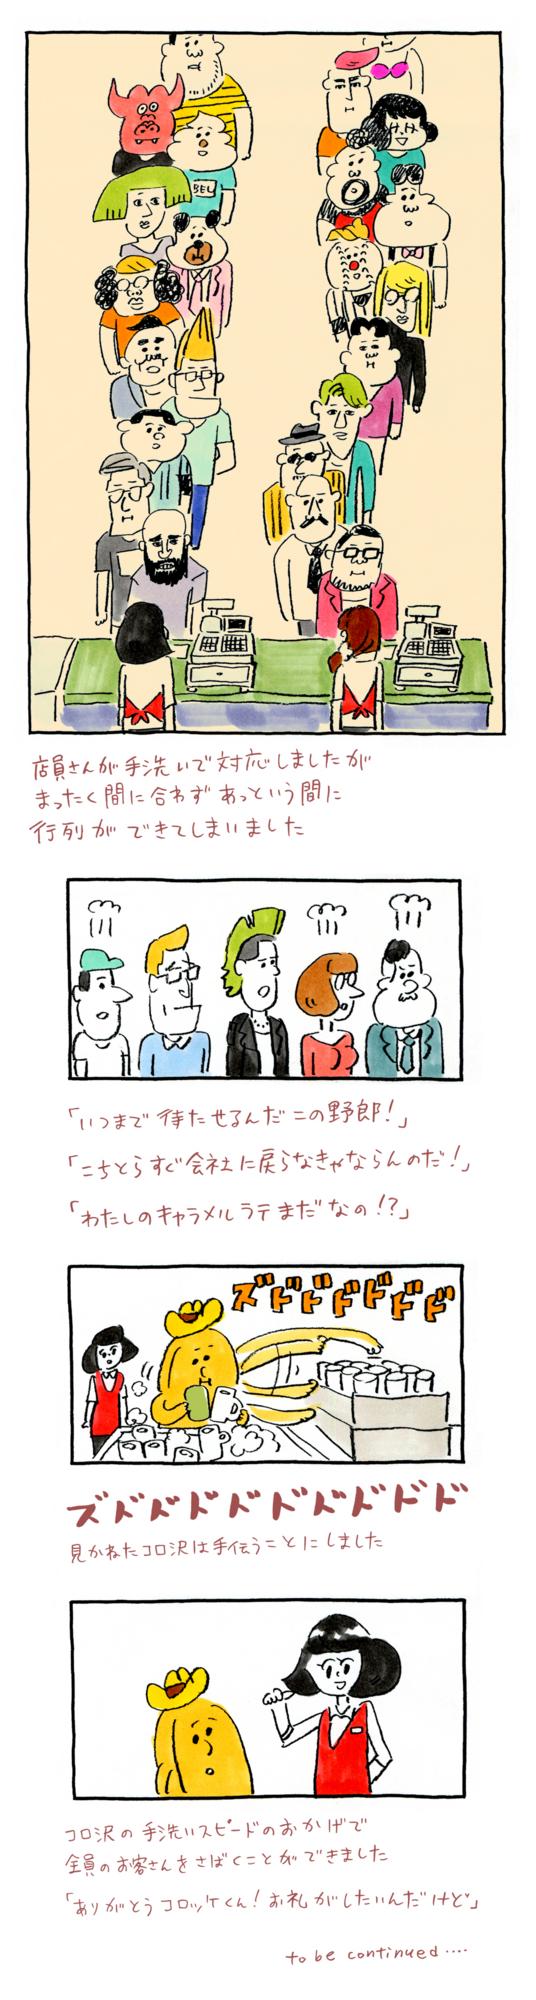 f:id:kakijiro:20151027103452j:plain